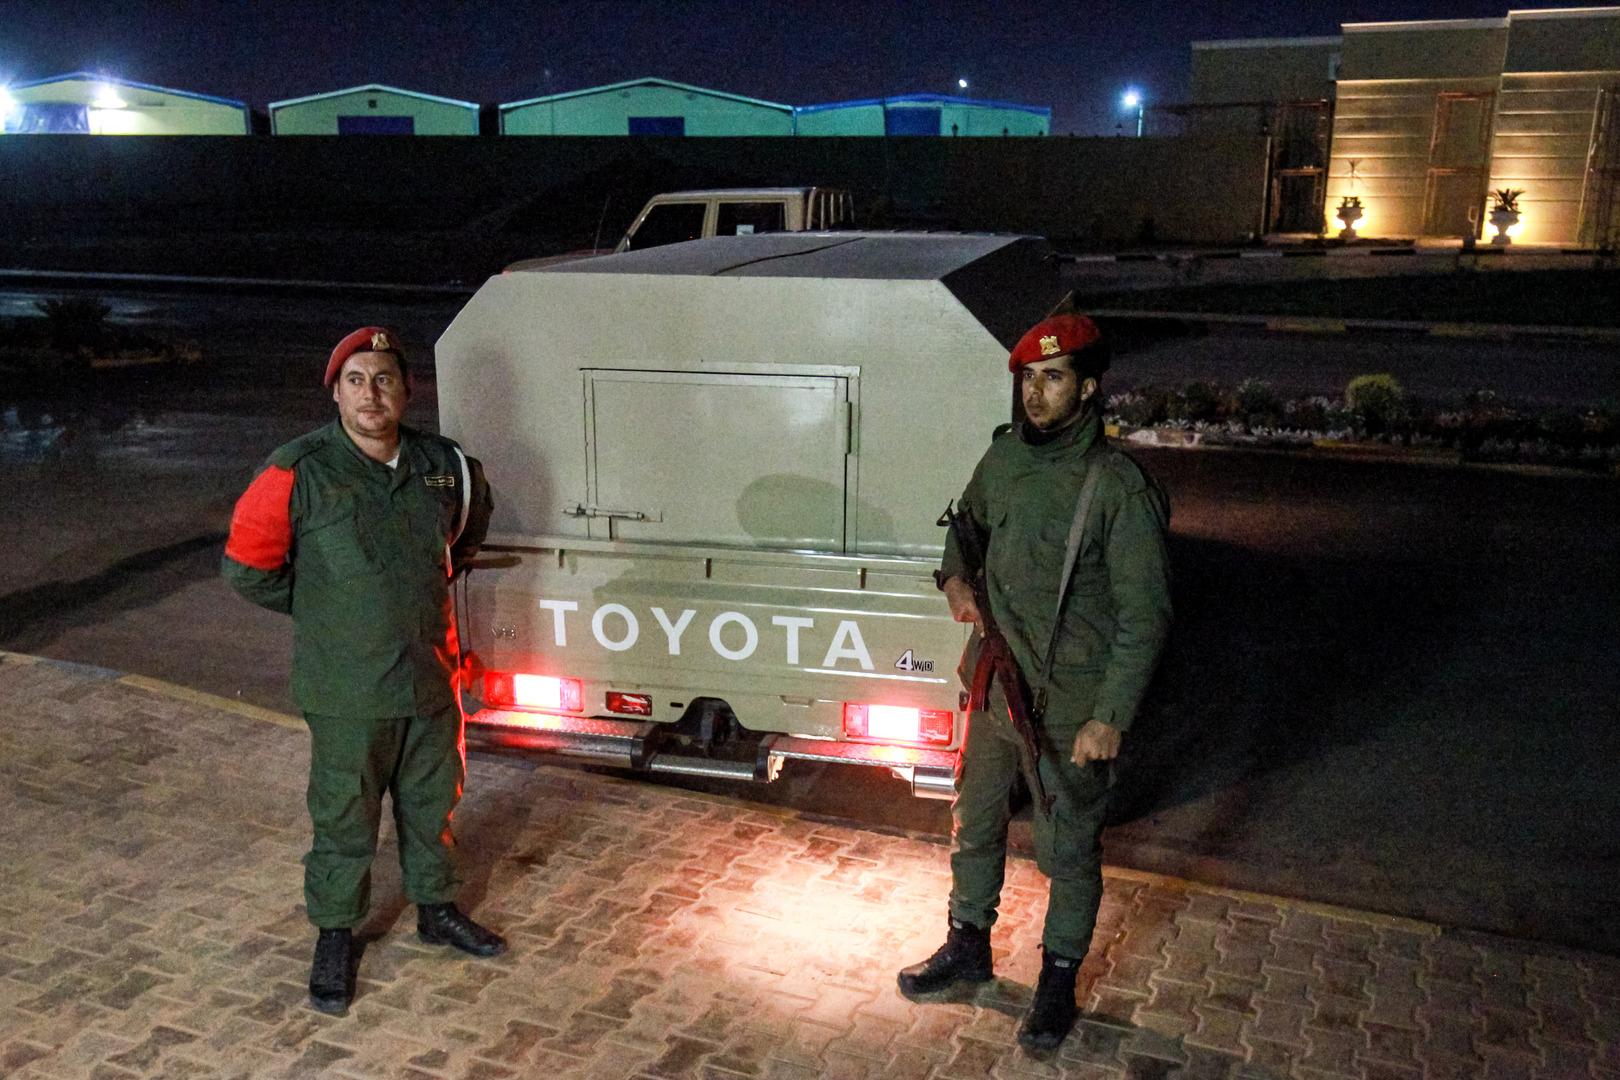 بيان للداخلية حول إطلاق نار كثيف بين جهازين أمنيين وسط العاصمة الليبية طرابلس